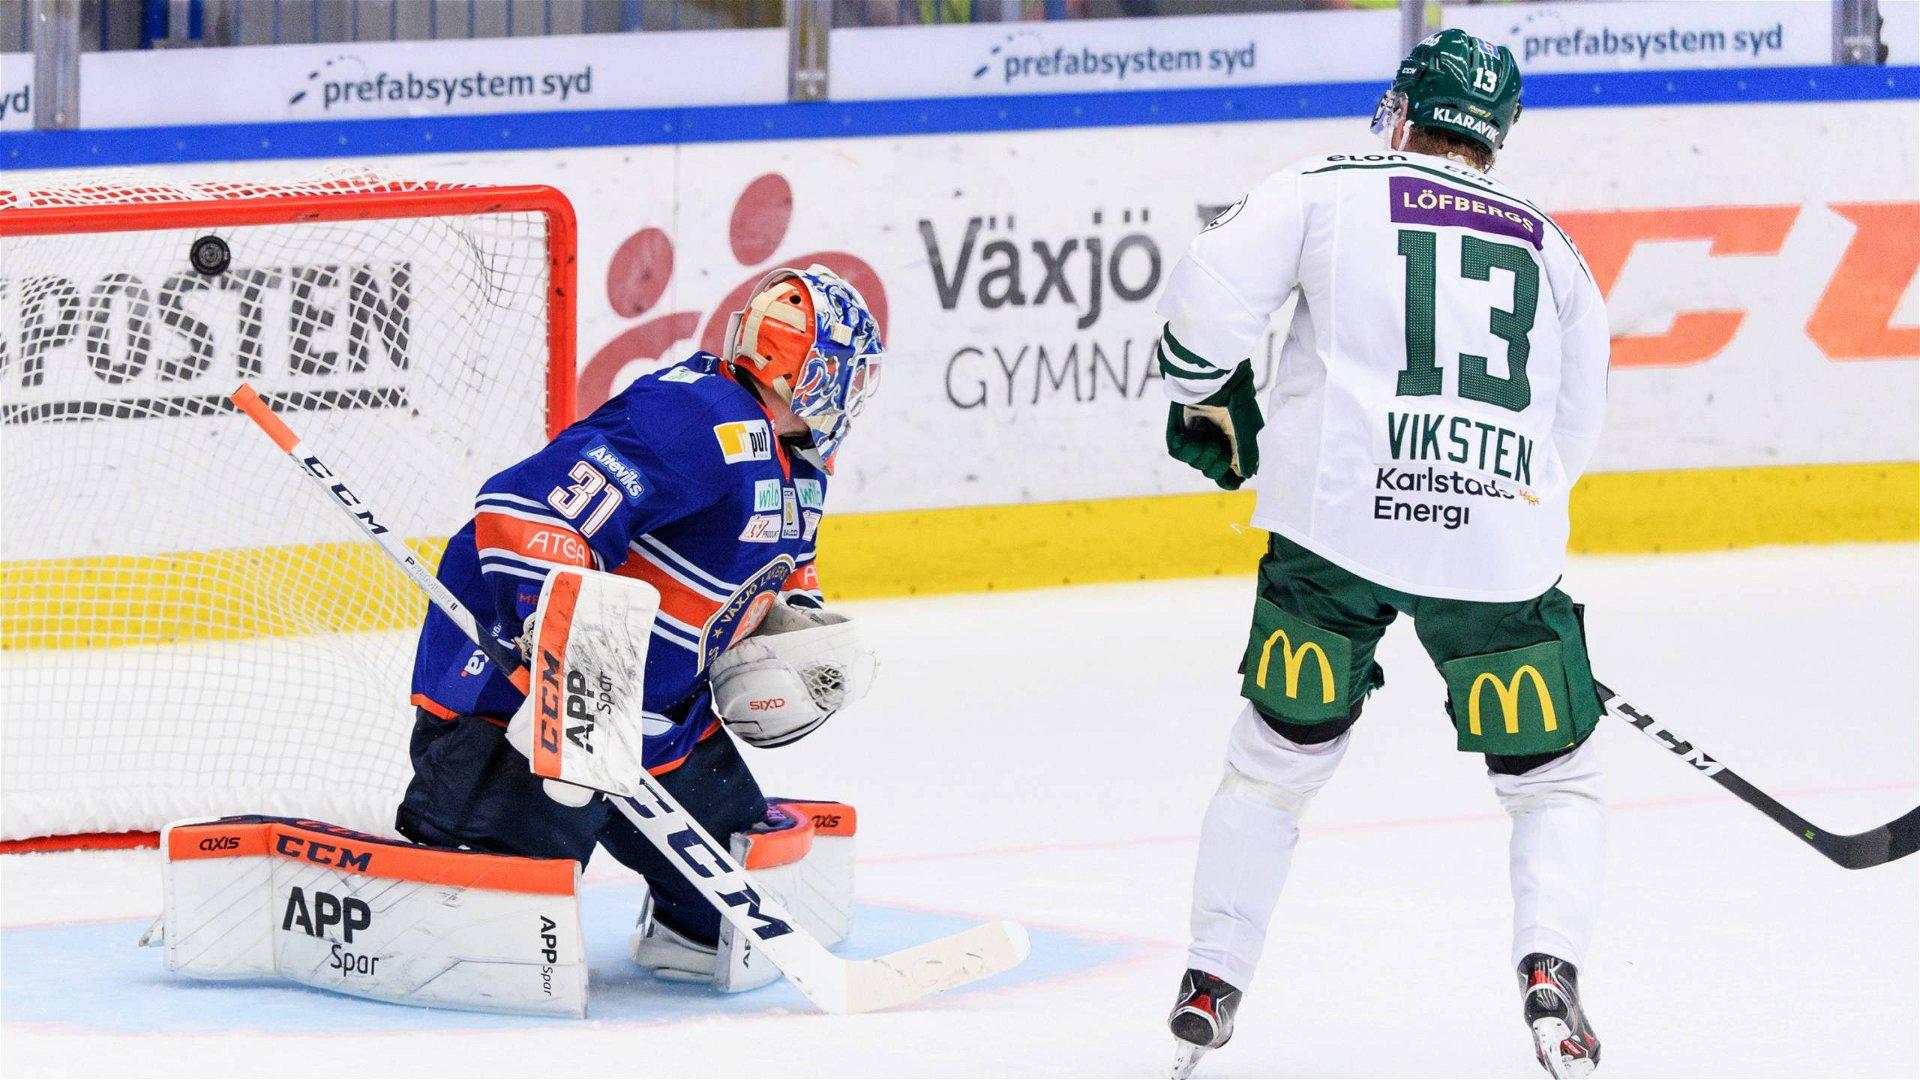 Färjestads Daniel Viksten gör mål på den avgörande straffen mot Växjö.